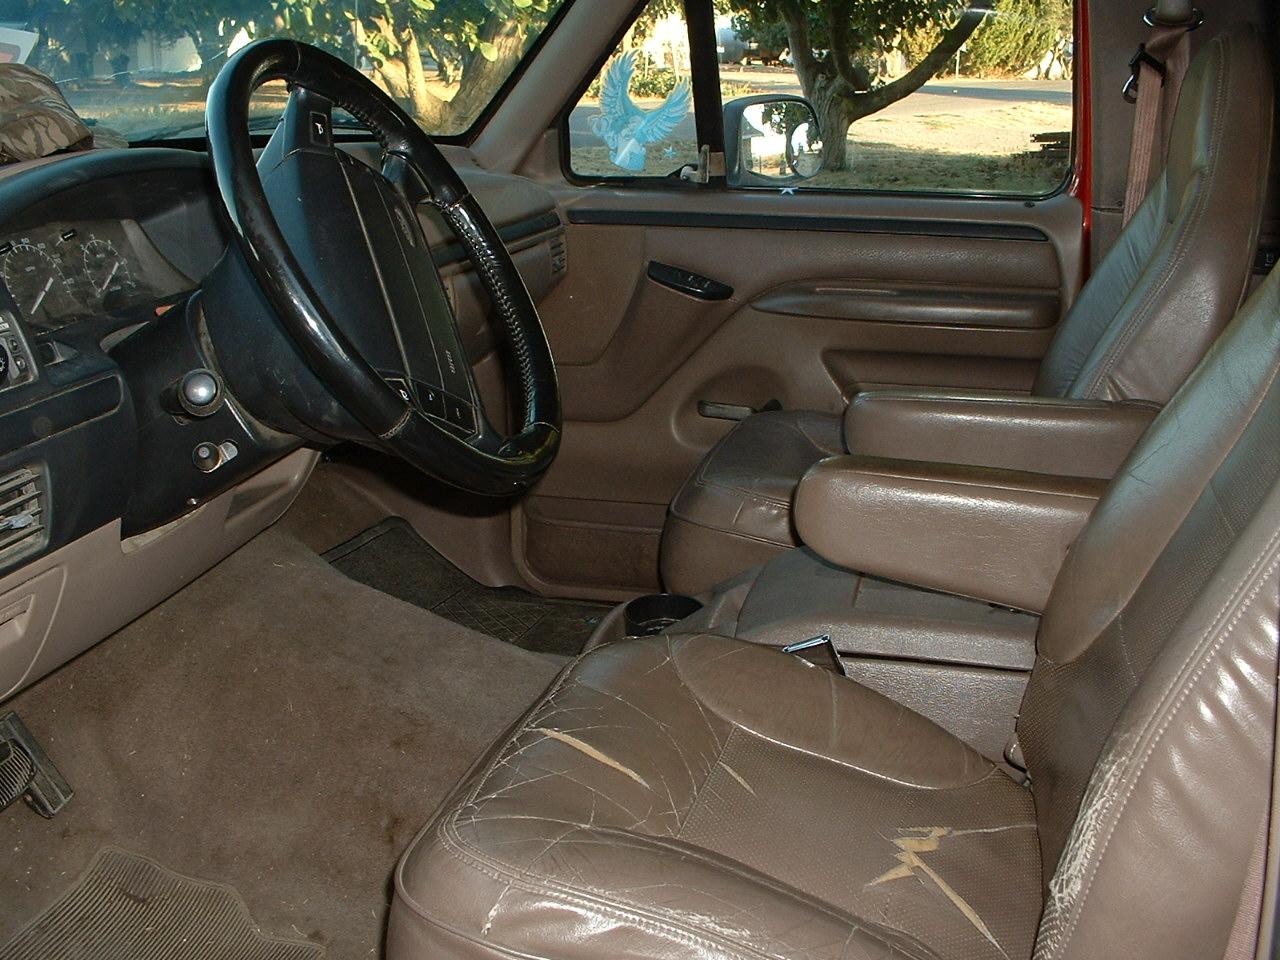 1996 Ford bronco interior trim